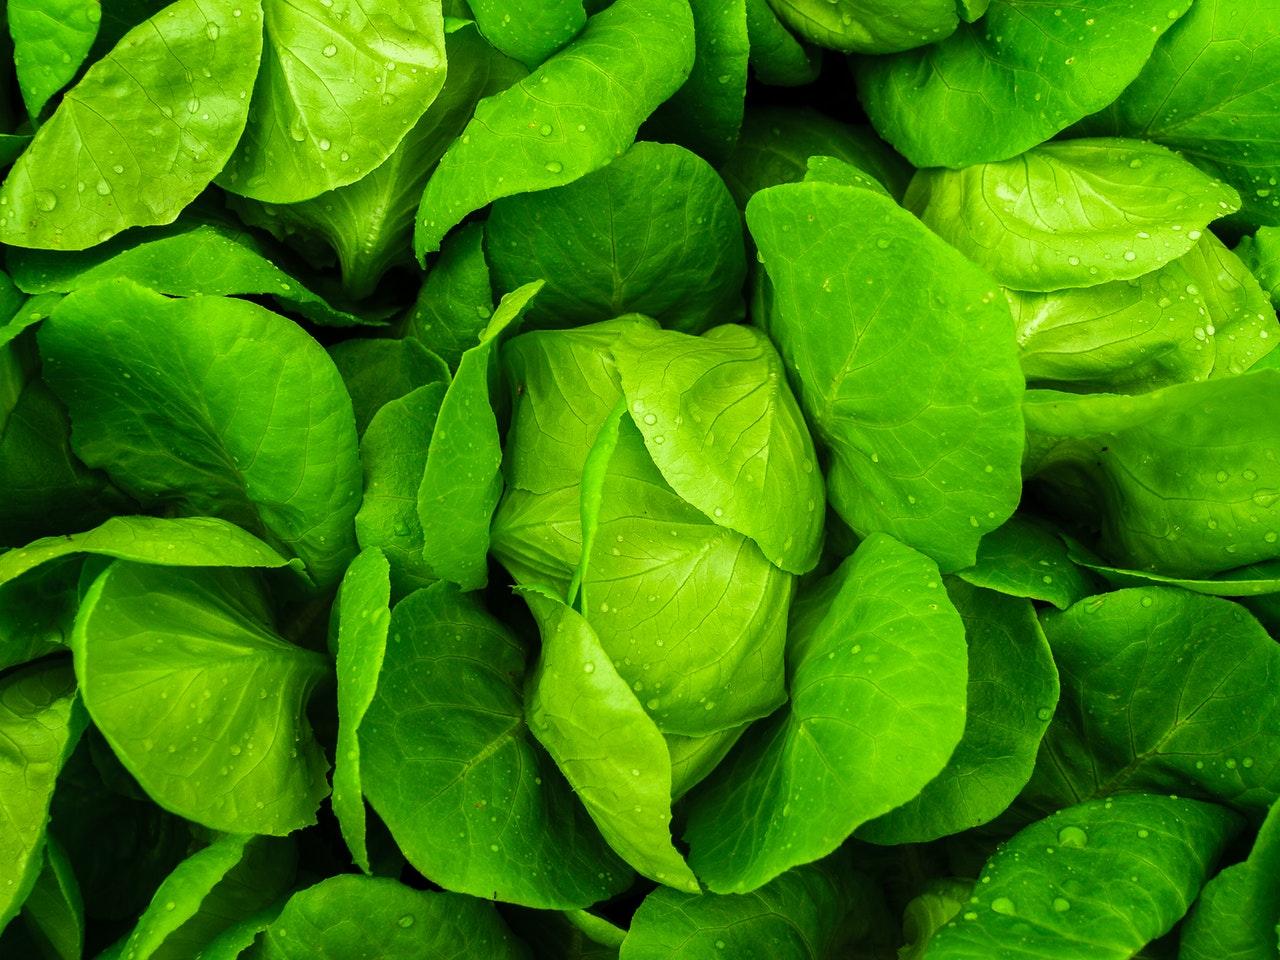 Makanan yang mengandung serat - sayuran